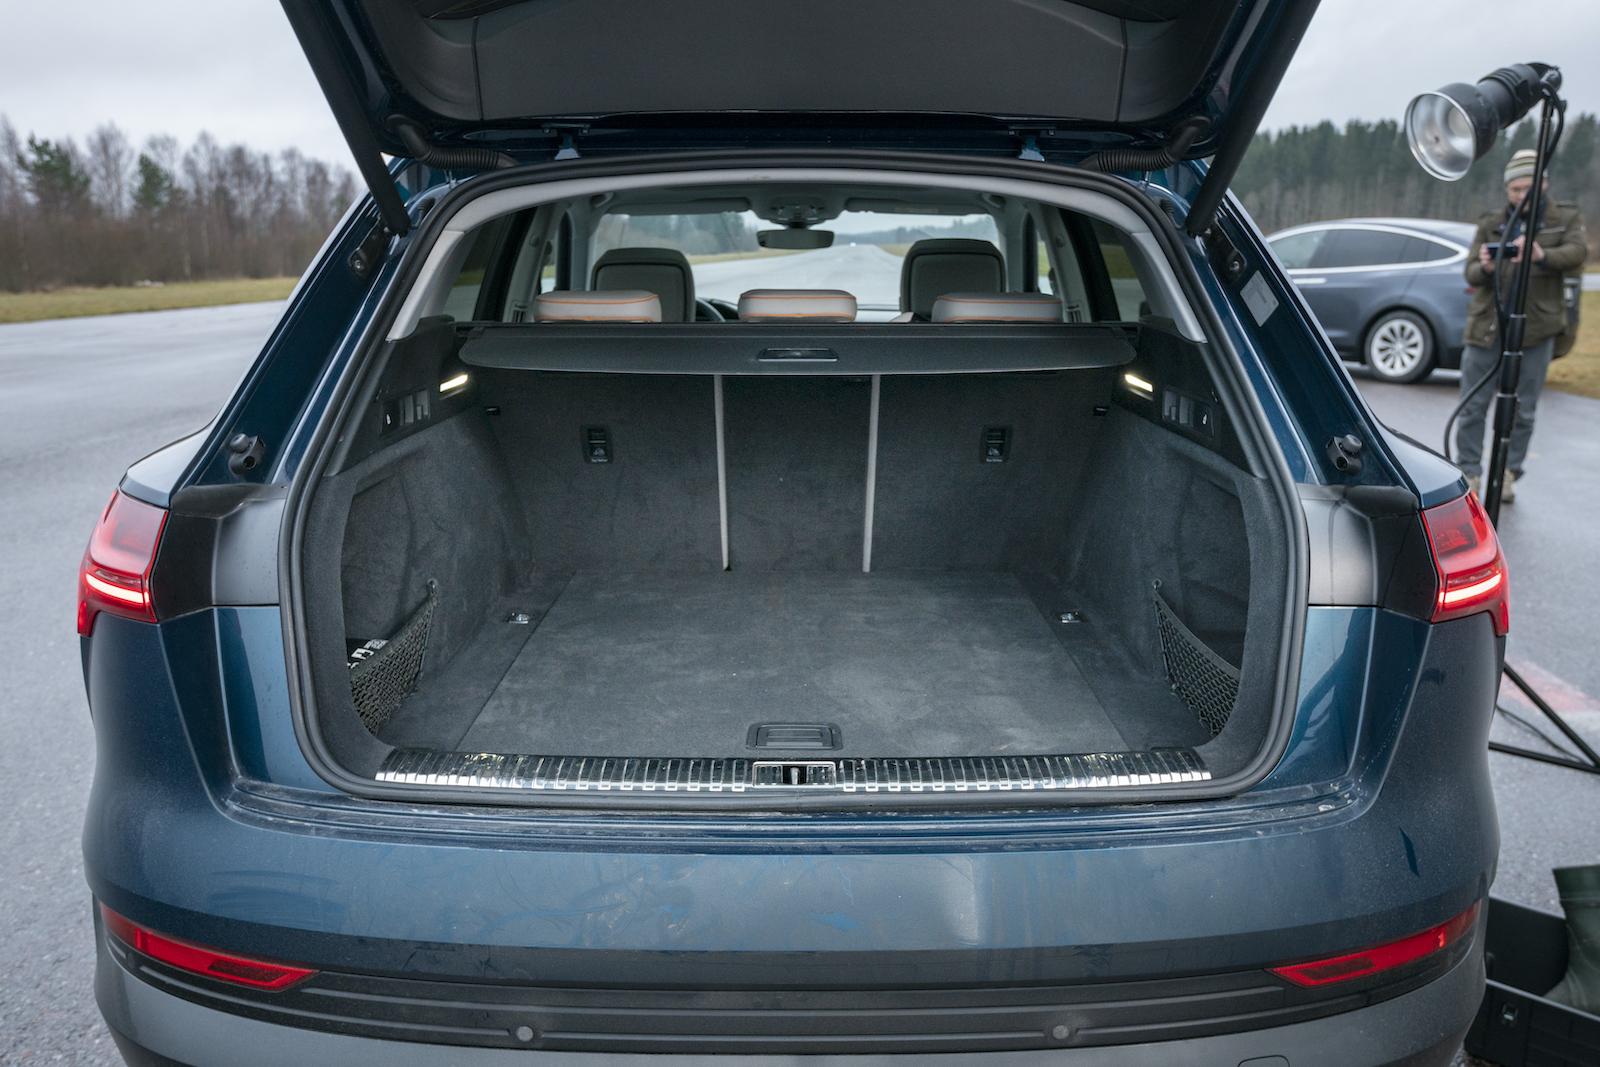 Audi: Mer än dugligt bagageutrymme. Under lastgolvet finns ett större utrymme för mindre pinaler och plock. Bagageutrymmet belyses från båda sidor, bra med ljus så länge bagaget inte täcker LED-slingorna. En bättre placering är i C-stolparna. Lampa i bagageluckan hjälper dock. Fällning i 40/20/40.